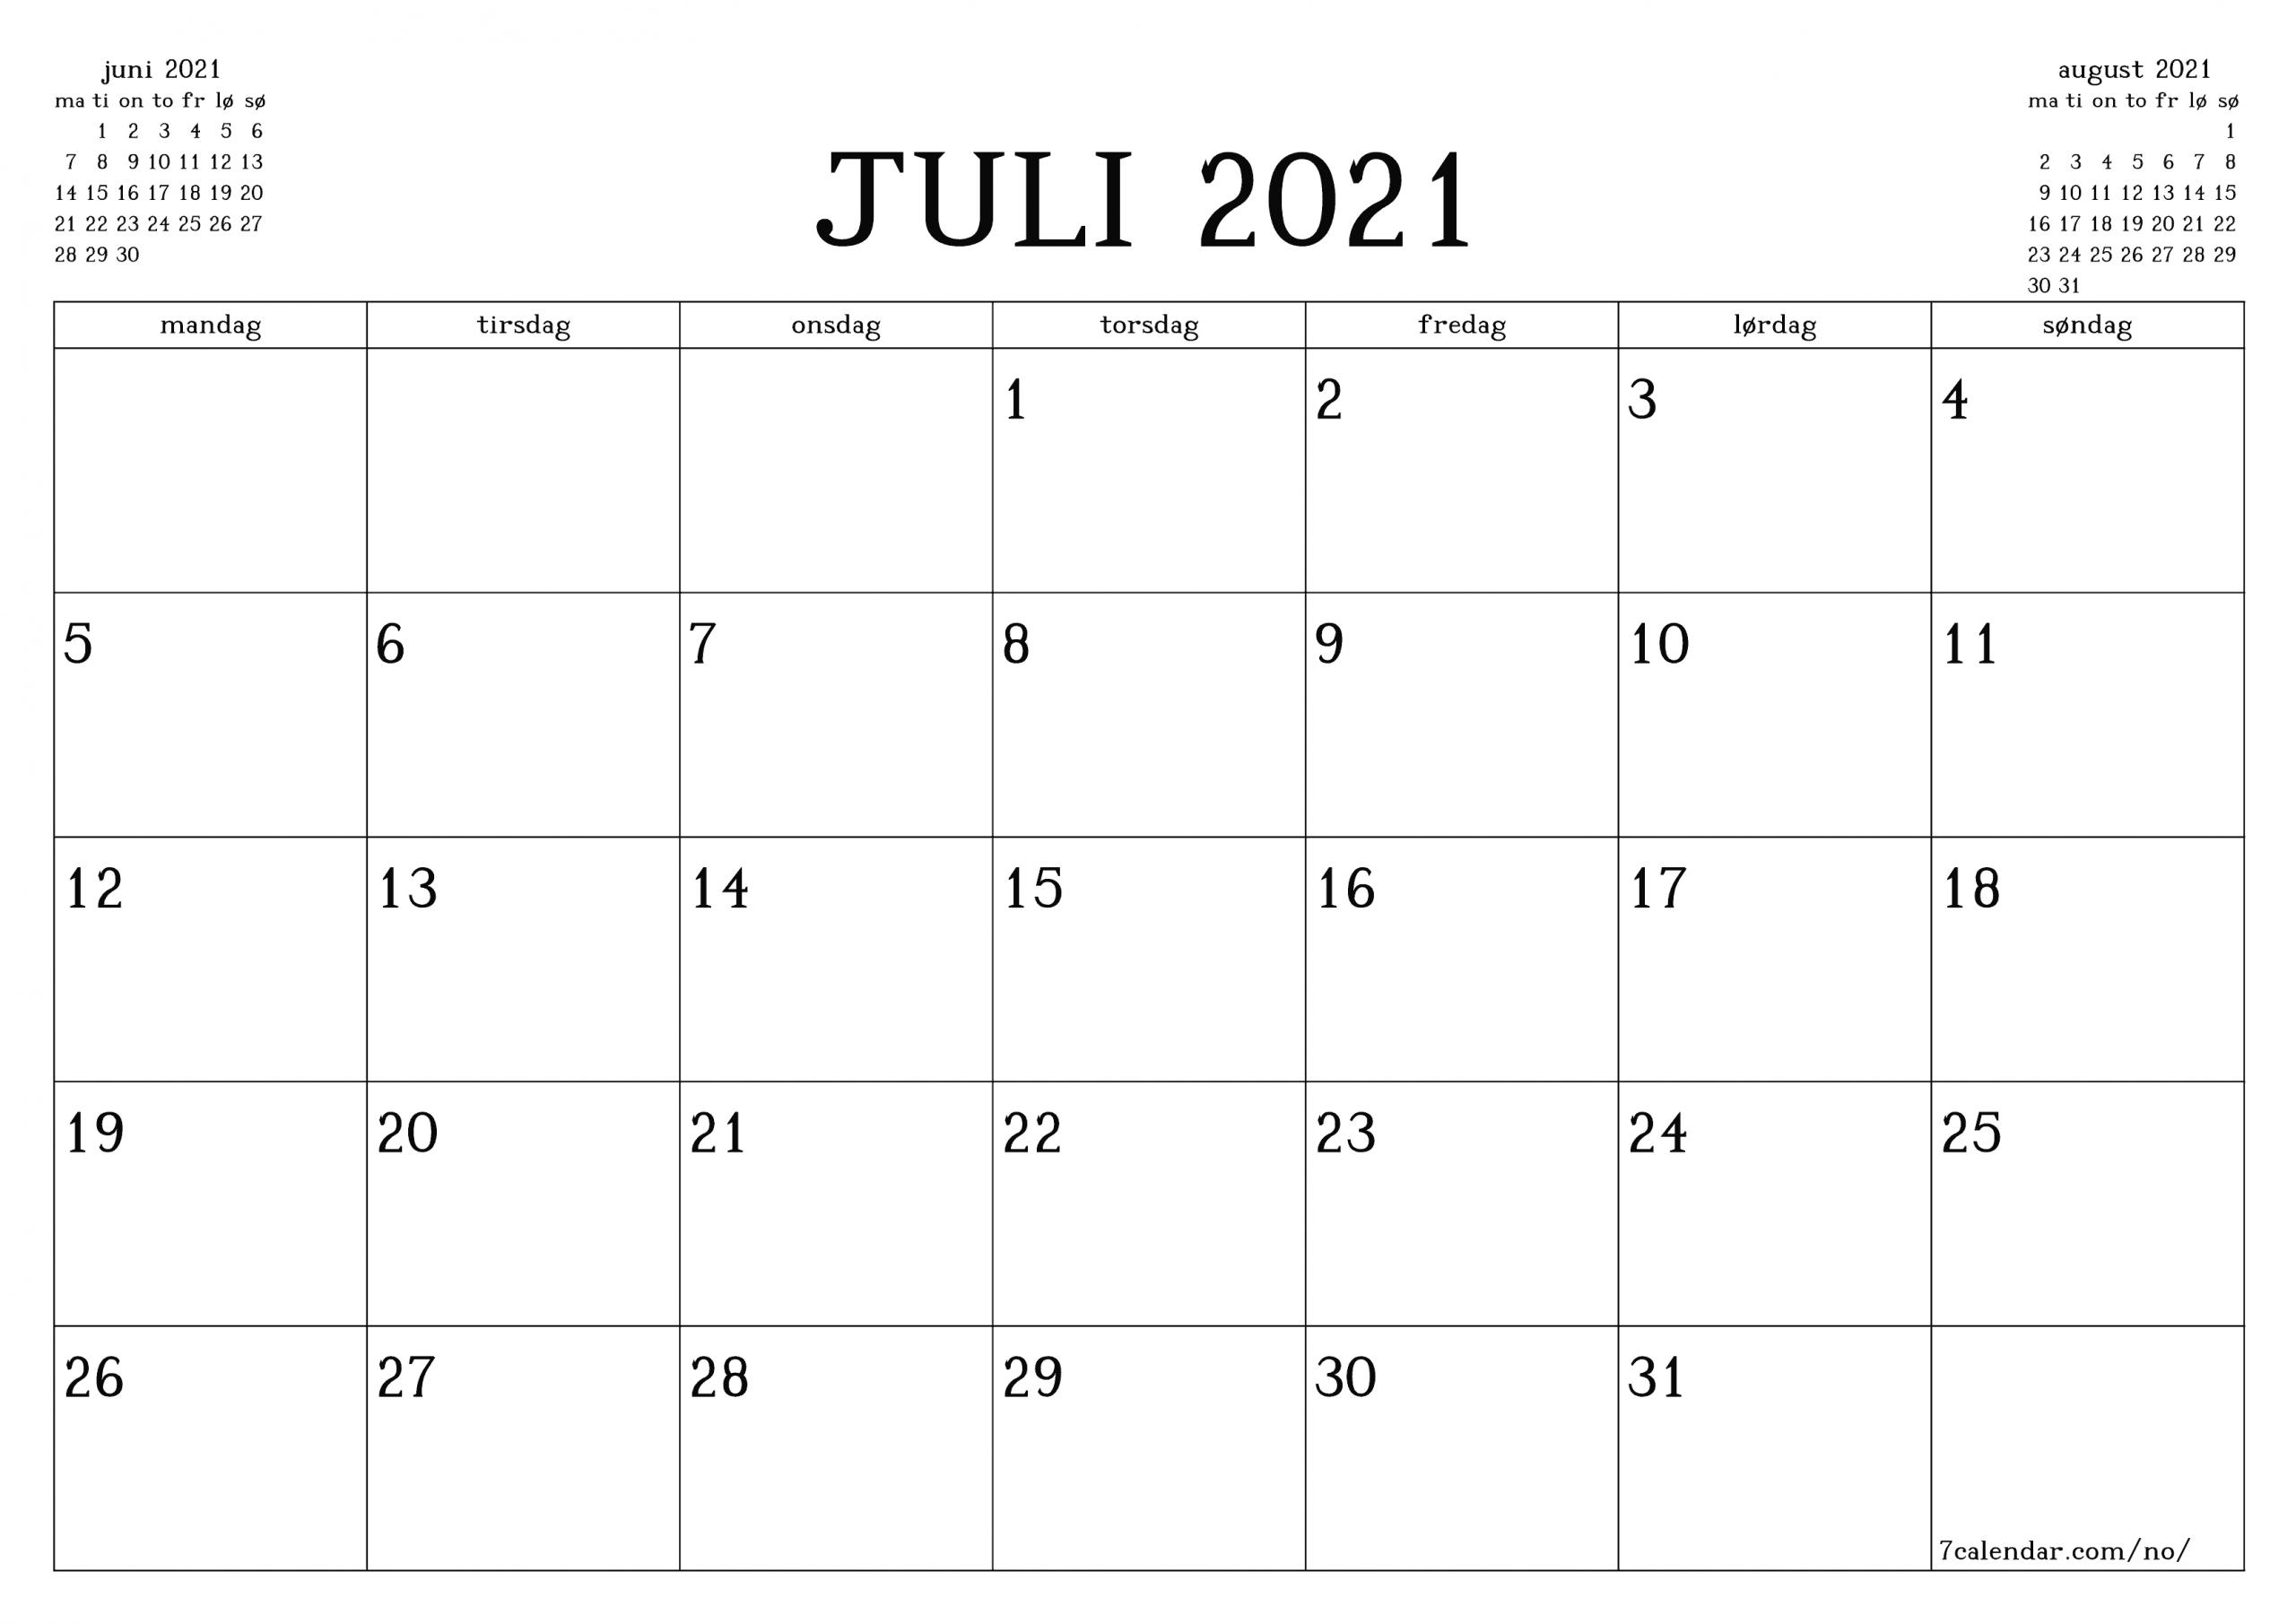 Get Juli 2021 Kalender